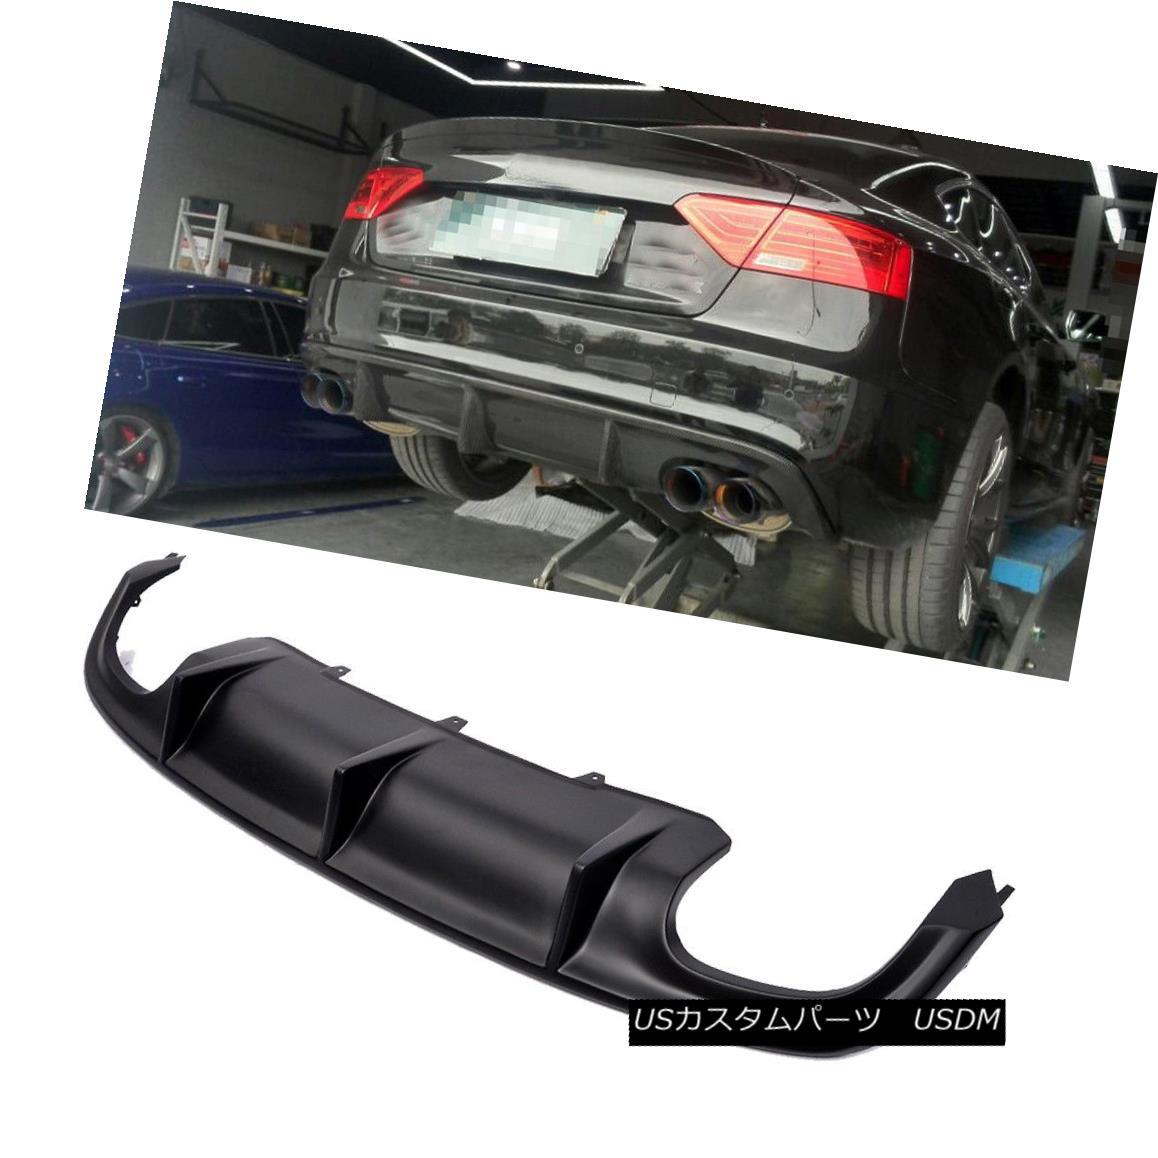 エアロパーツ FRP Rear Bumper Diffuser Auto Turning Quad Outlet Lip Chin For Audi S5 12-16 FRPリアバンパーディフューザーオートチューニングクワッドアウトレットリップチン(Audi S5 12-16用)